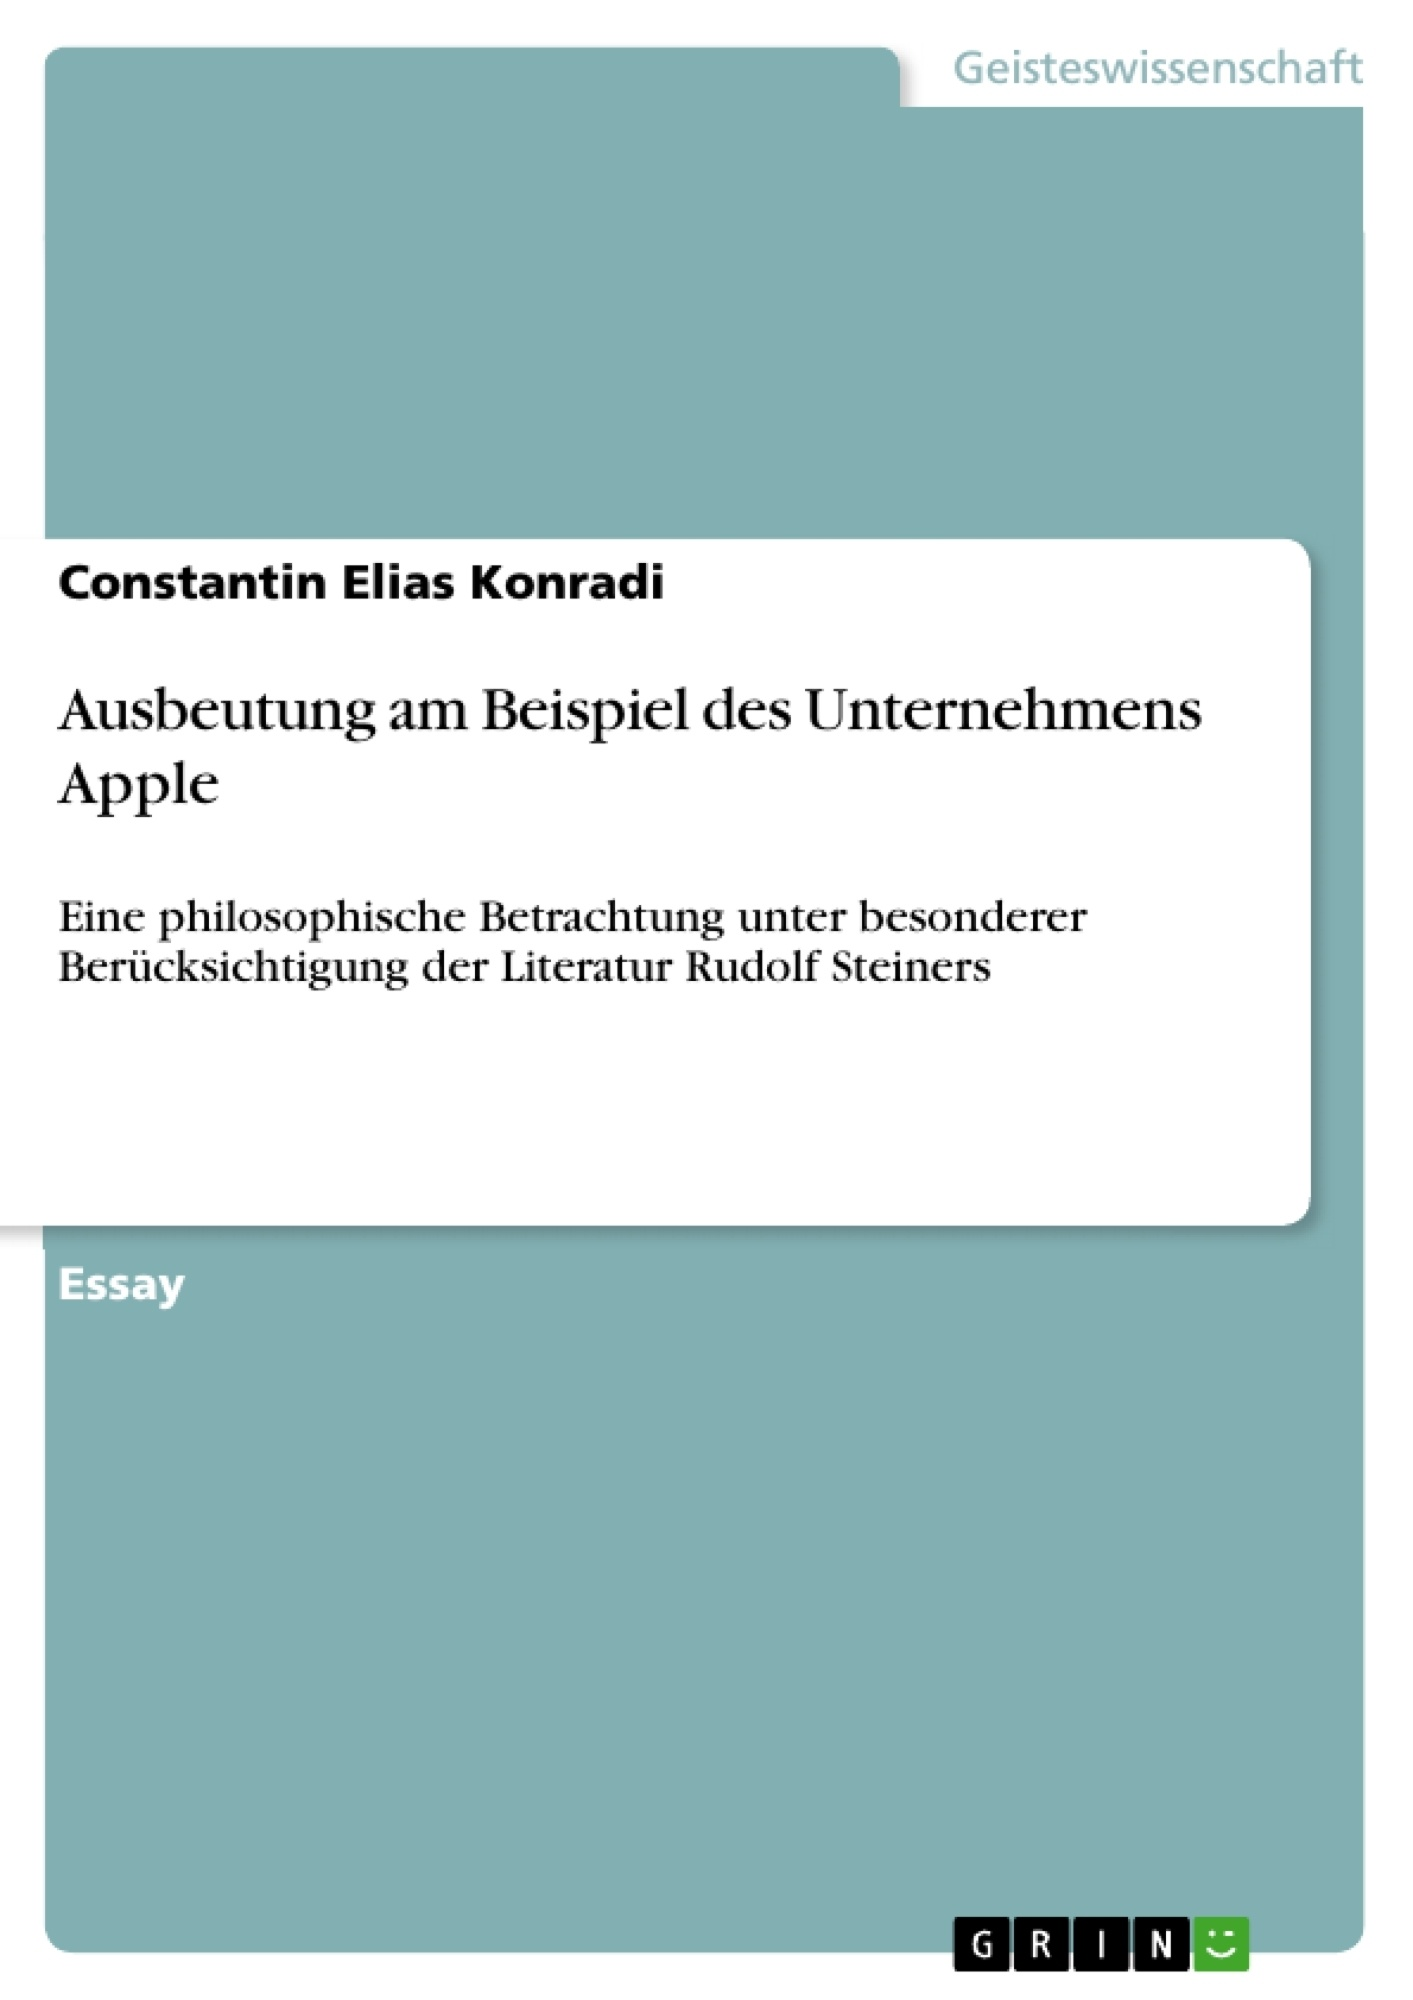 Titel: Ausbeutung am Beispiel des Unternehmens Apple